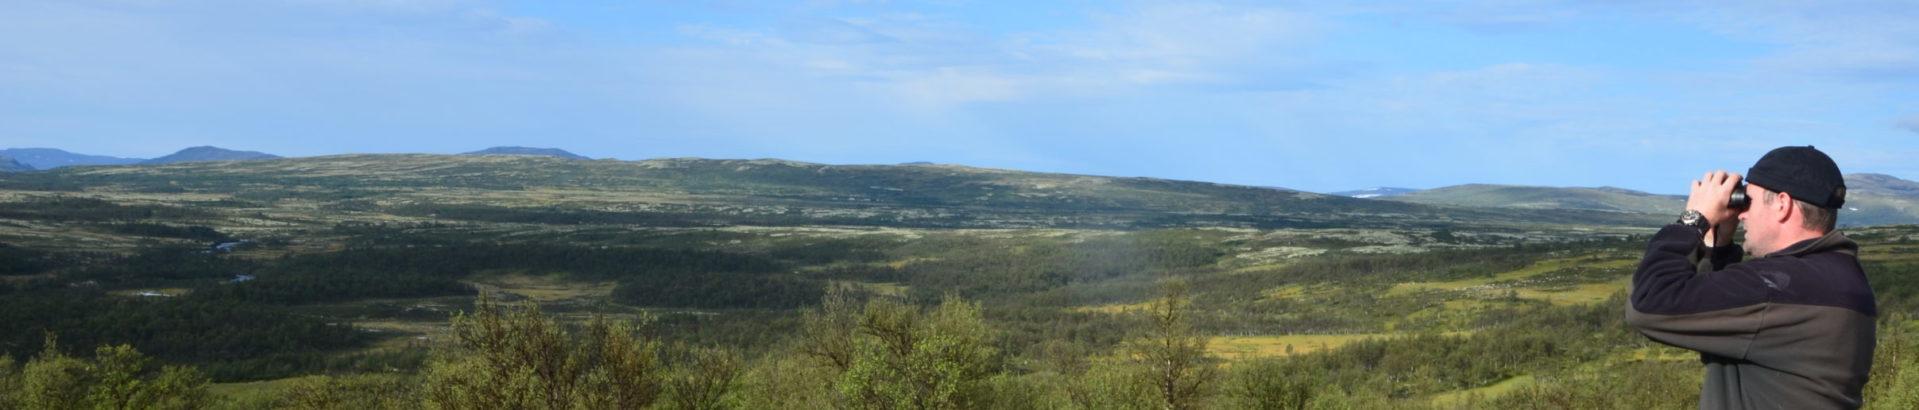 Knutshø villreinområde